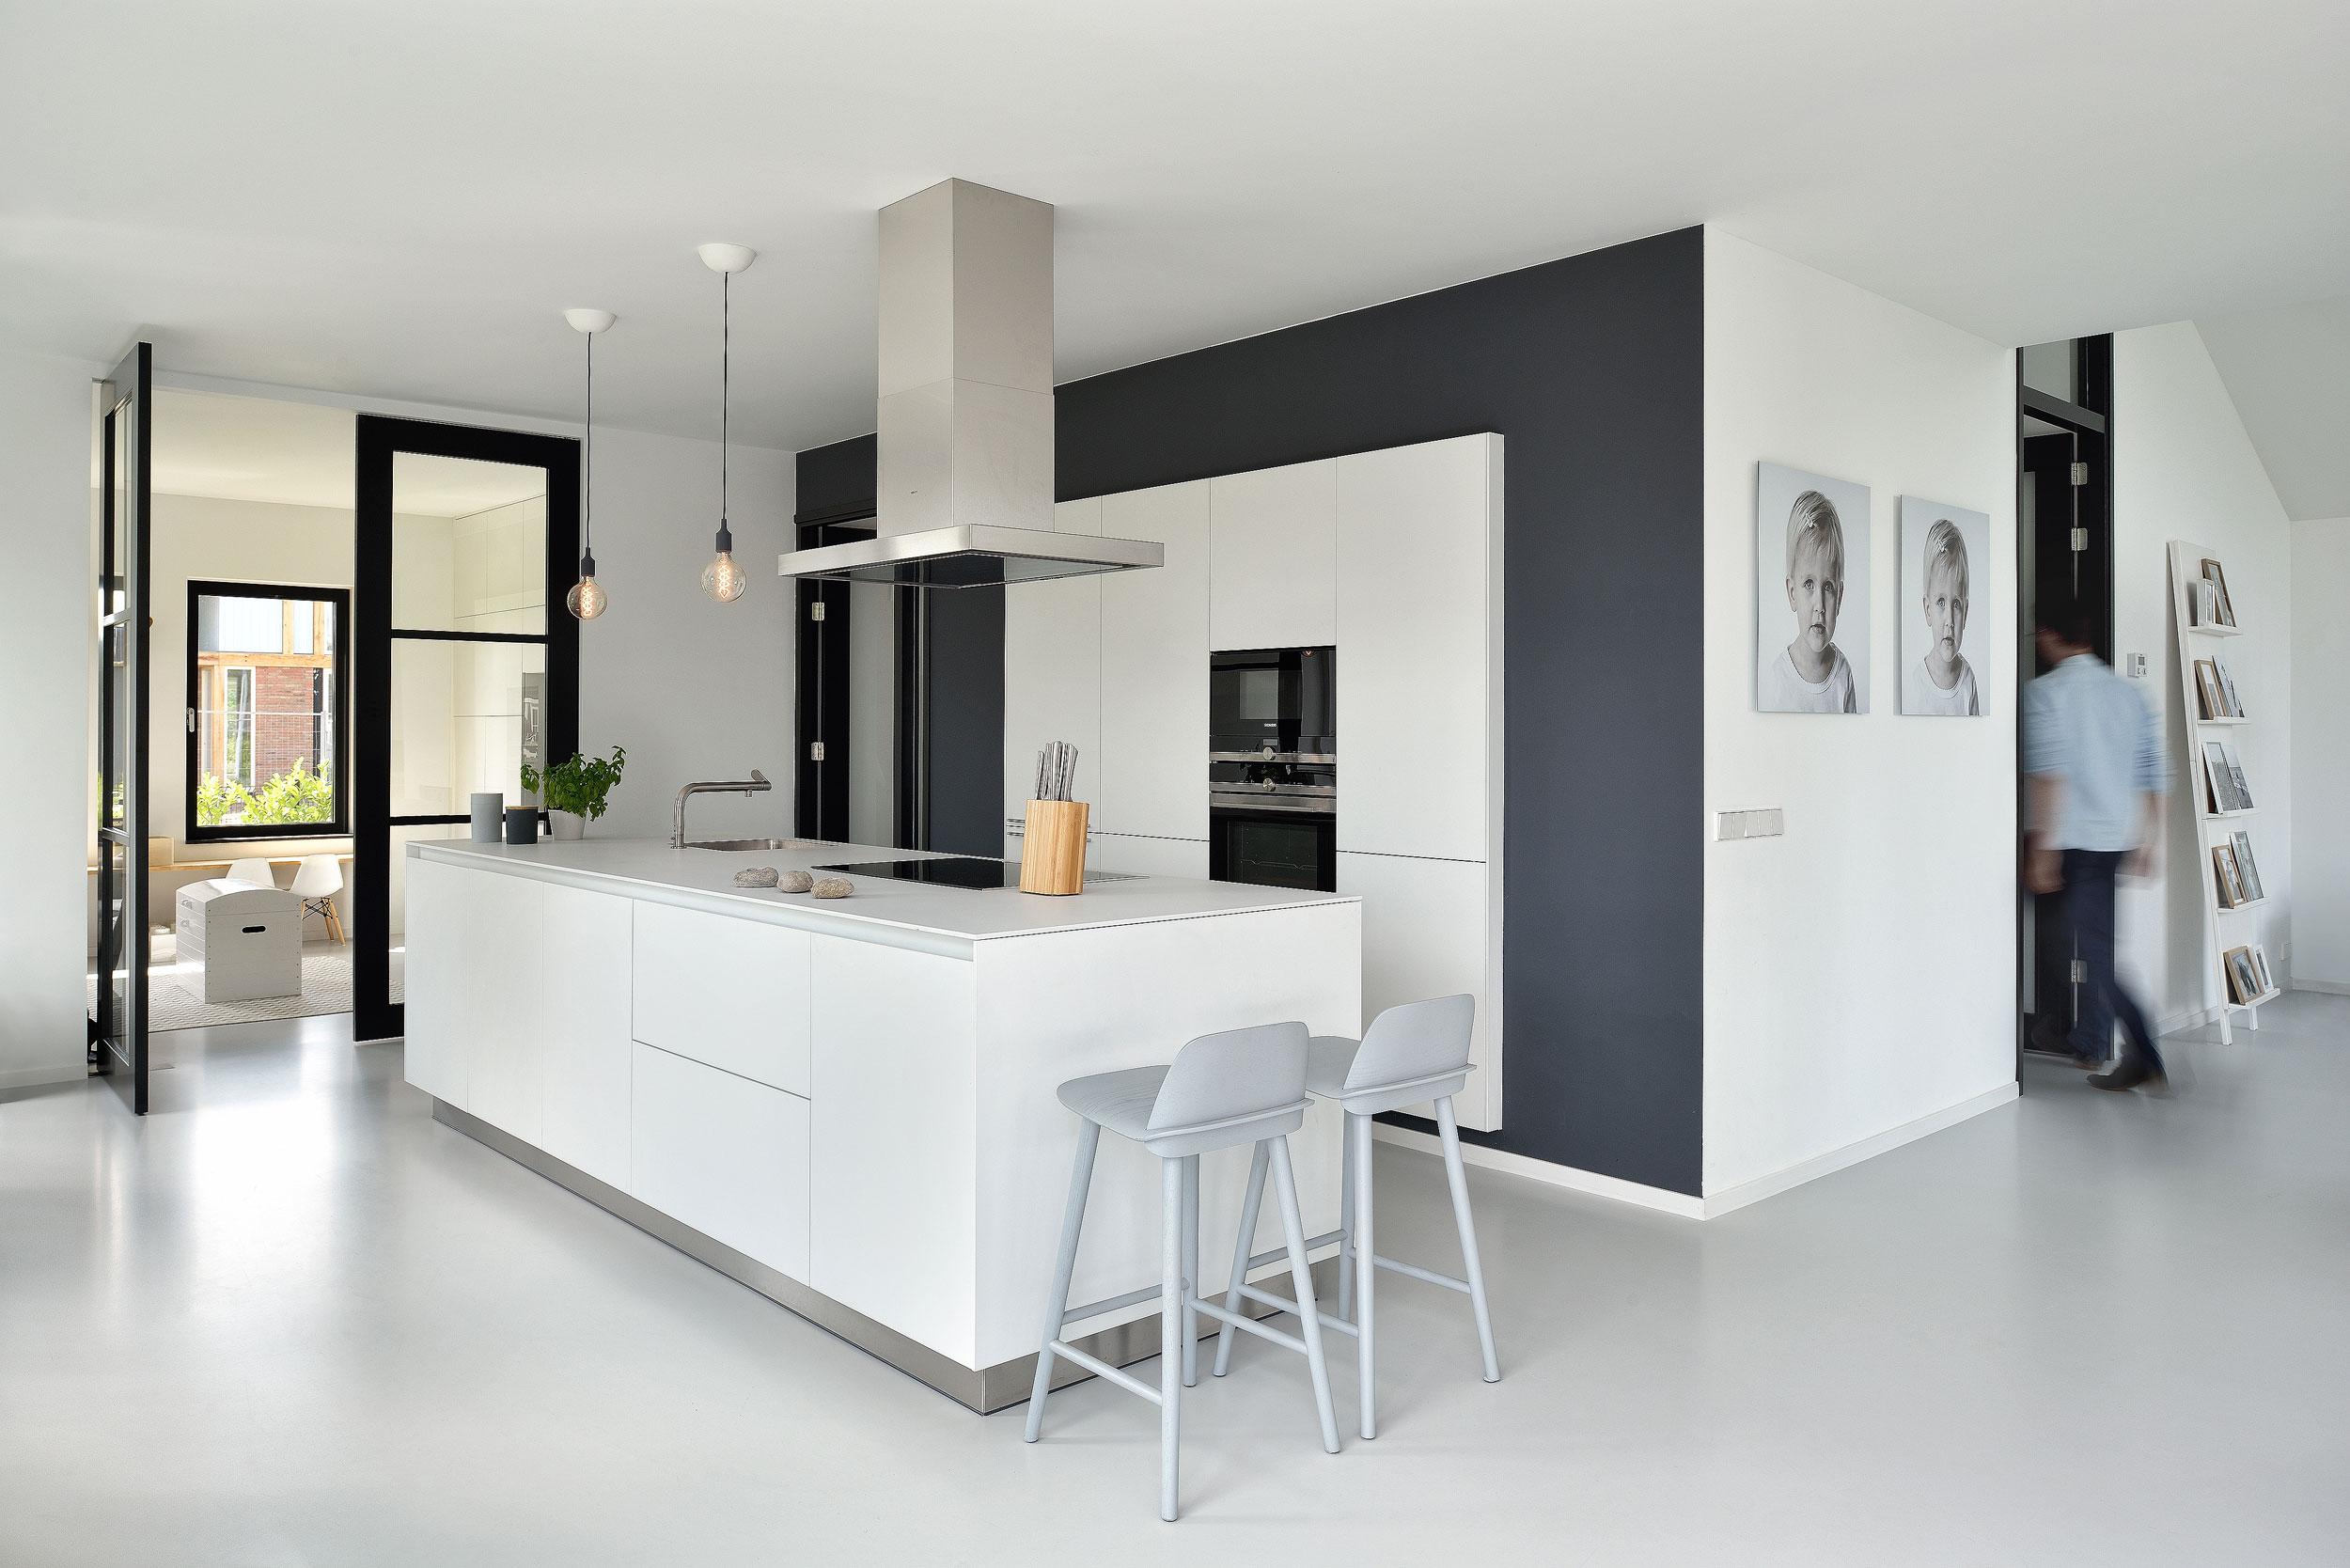 Nieuwbouw woning Nieuwkoop - interieurfotograaf Chiel de Nooyer